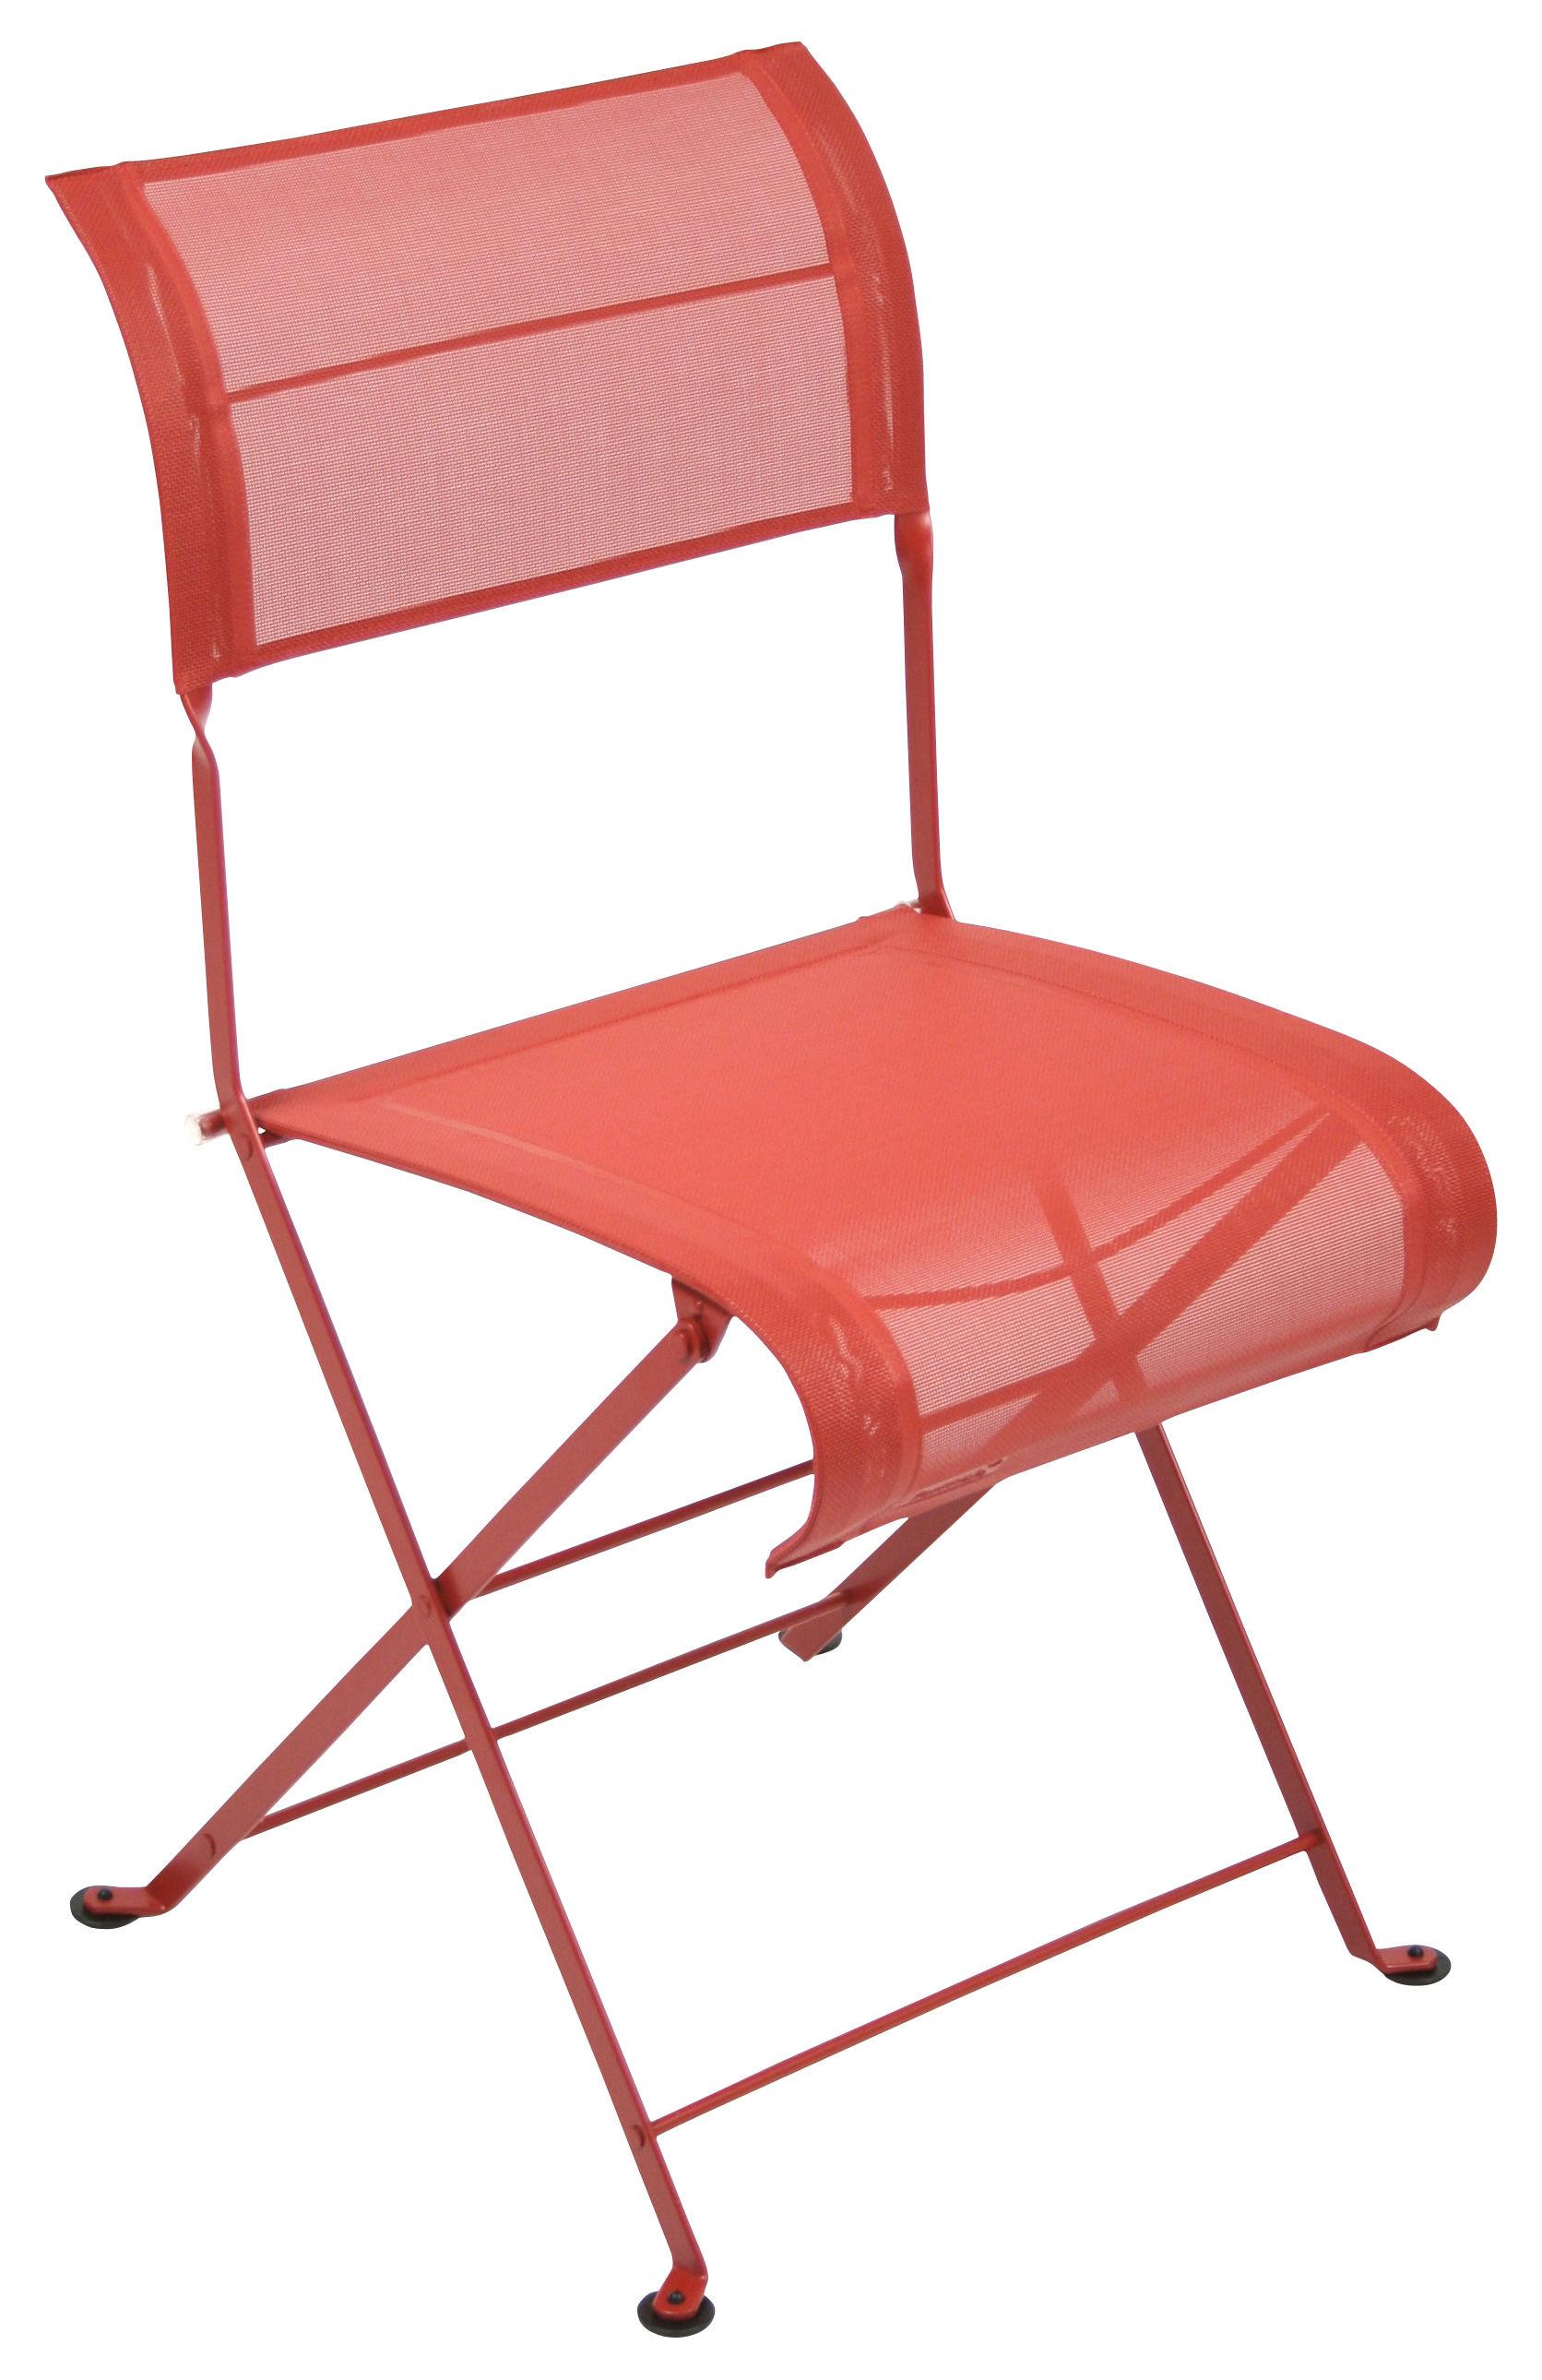 chaise pliante dune toile coquelicot fermob. Black Bedroom Furniture Sets. Home Design Ideas